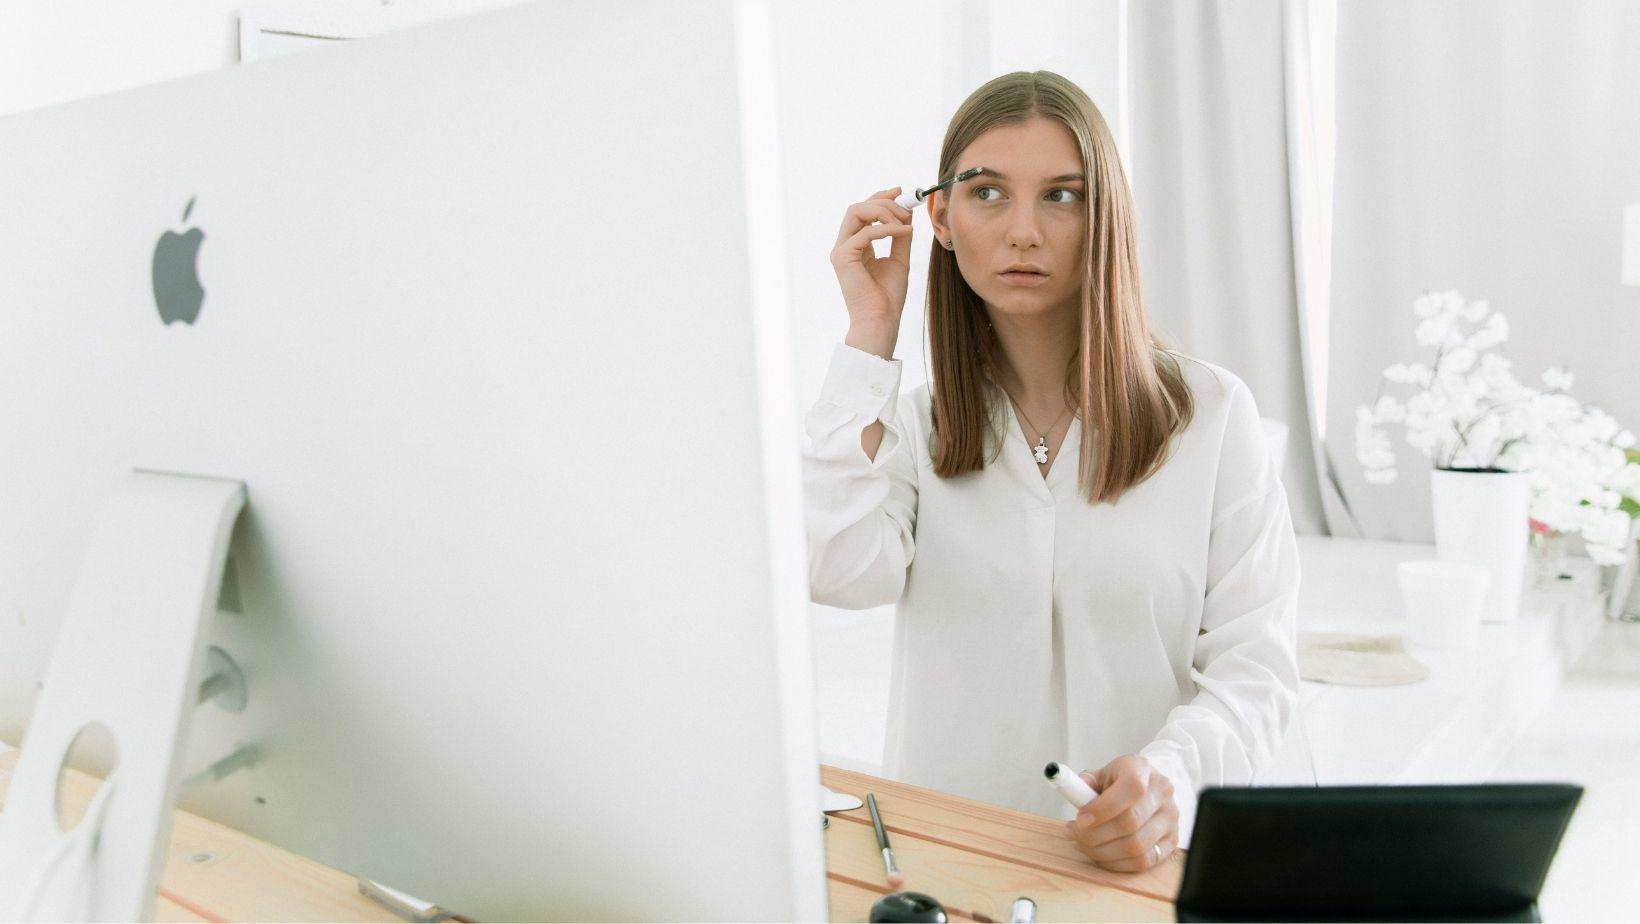 Kembali WFO? Inilah 7 Makeup Esensial Wanita Karier Untukmu